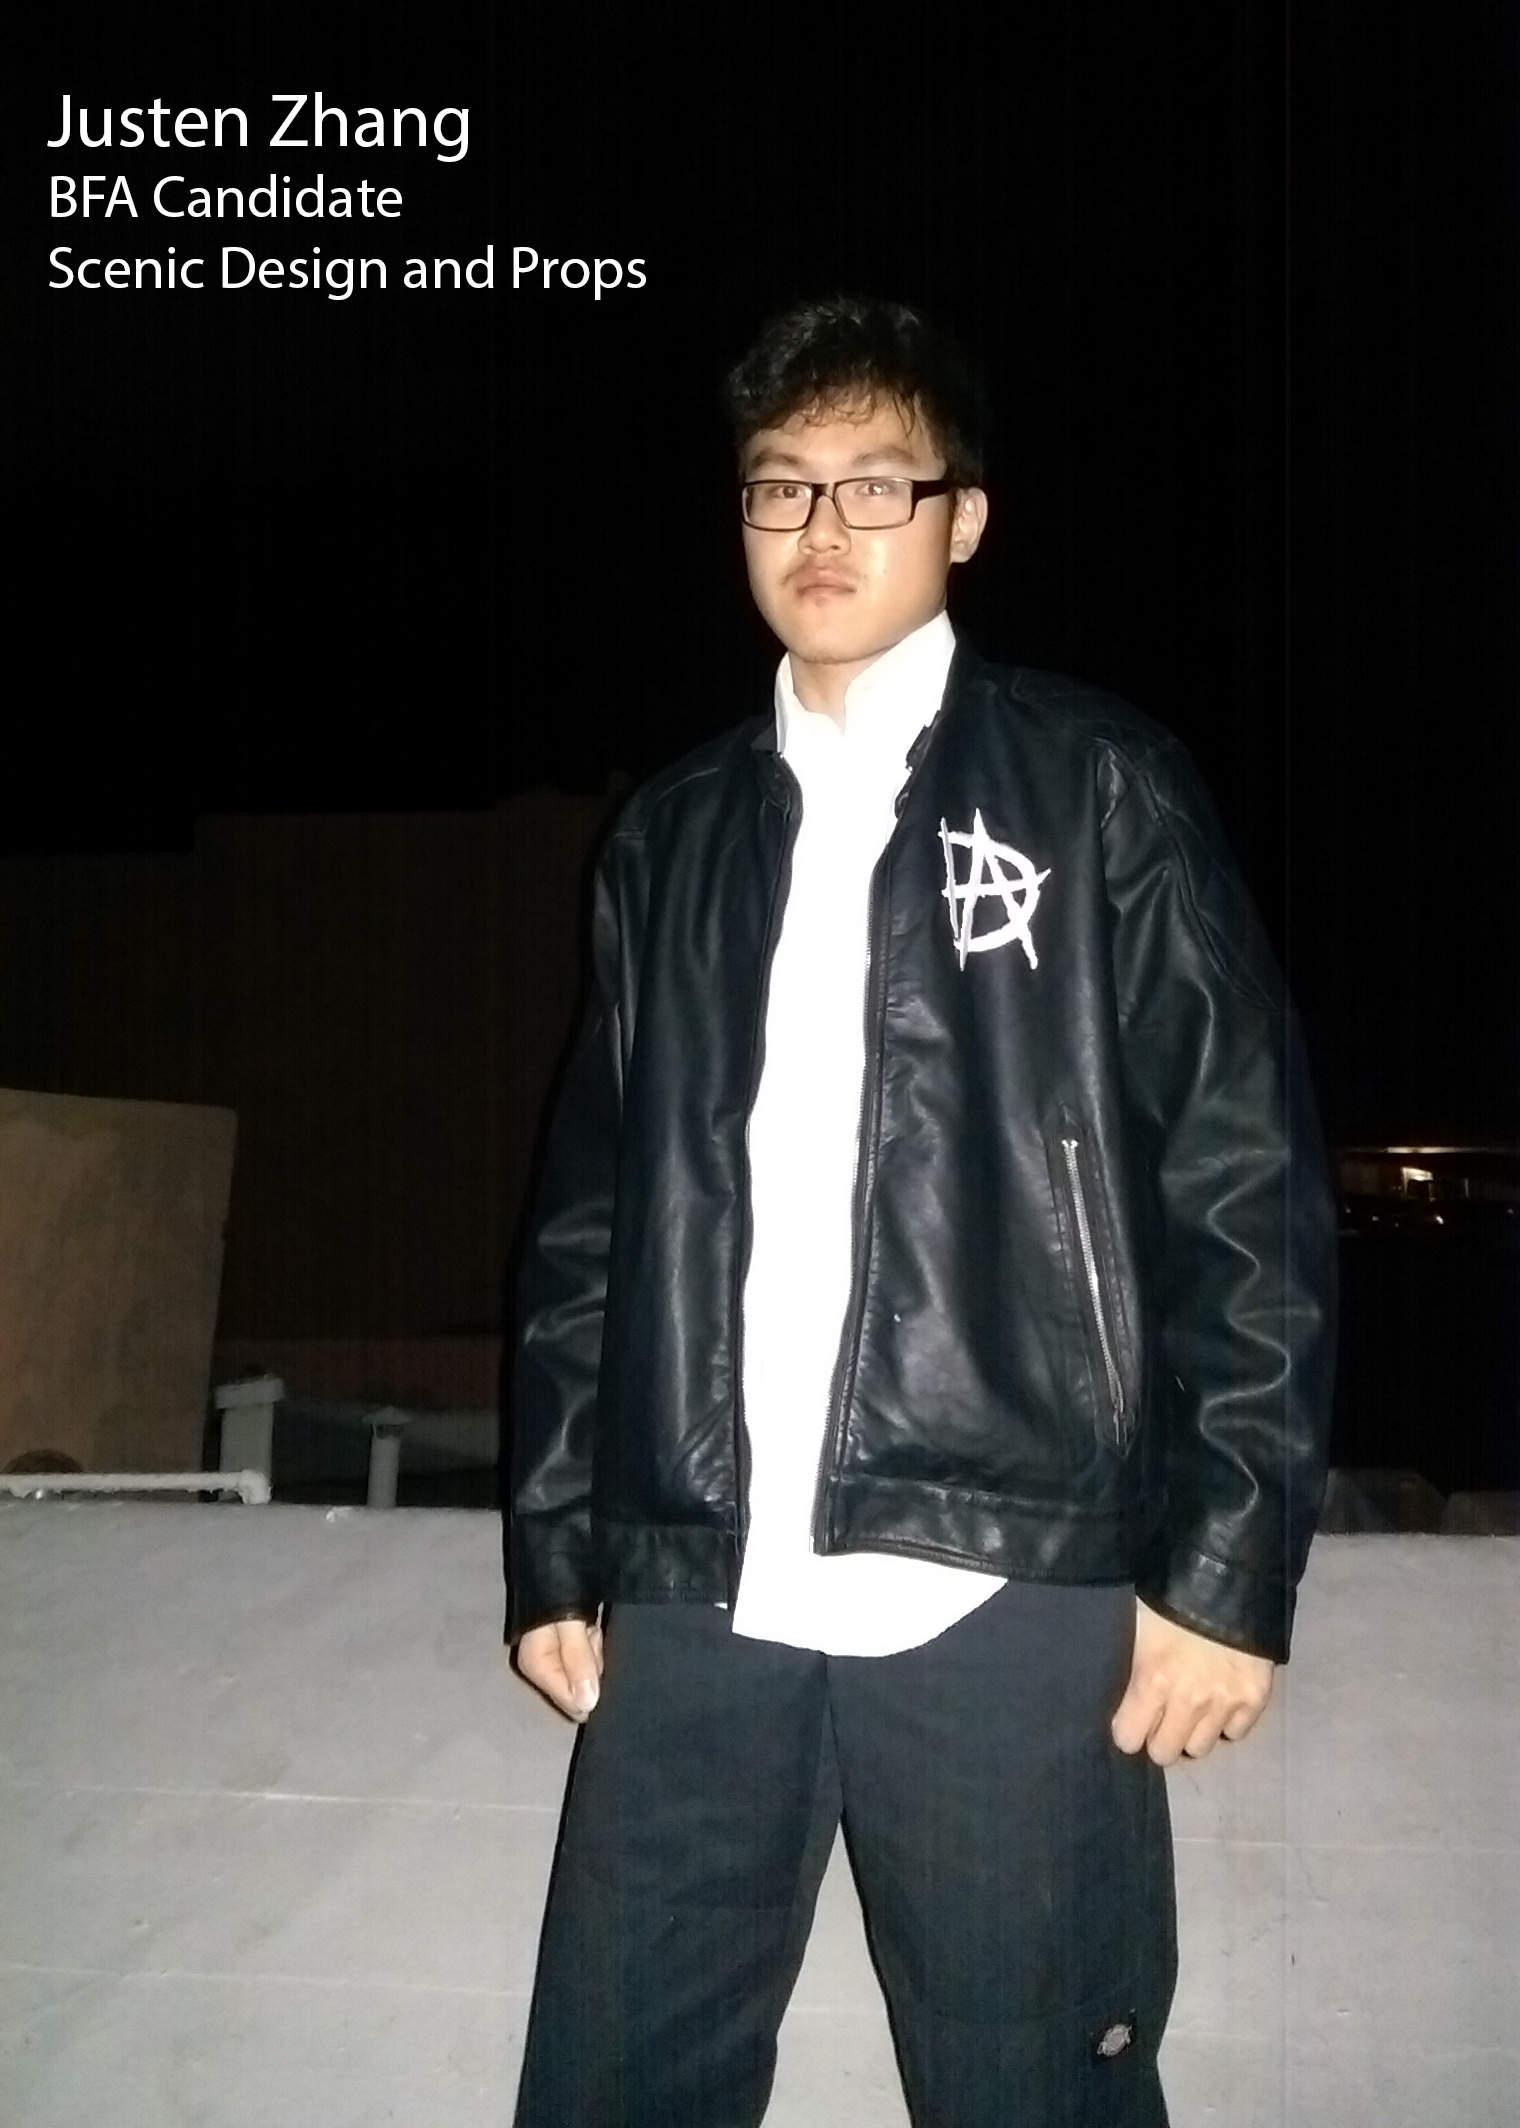 Justen Zhang